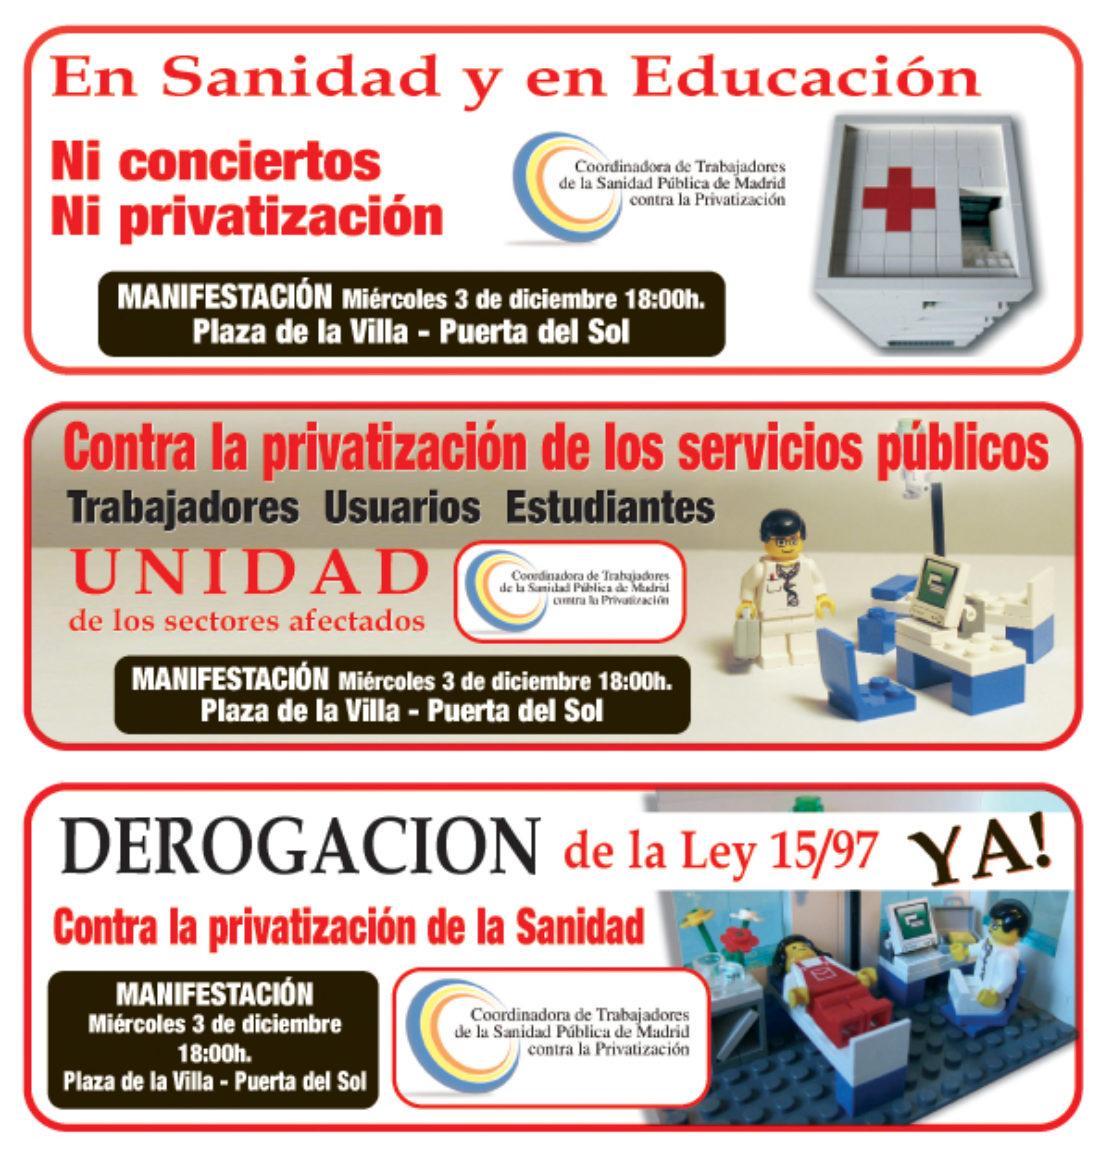 Convocatoria de asamblea de la Coordinadora de Trabajadores de la Sanidad Pública de Madrid Contra la Privatización